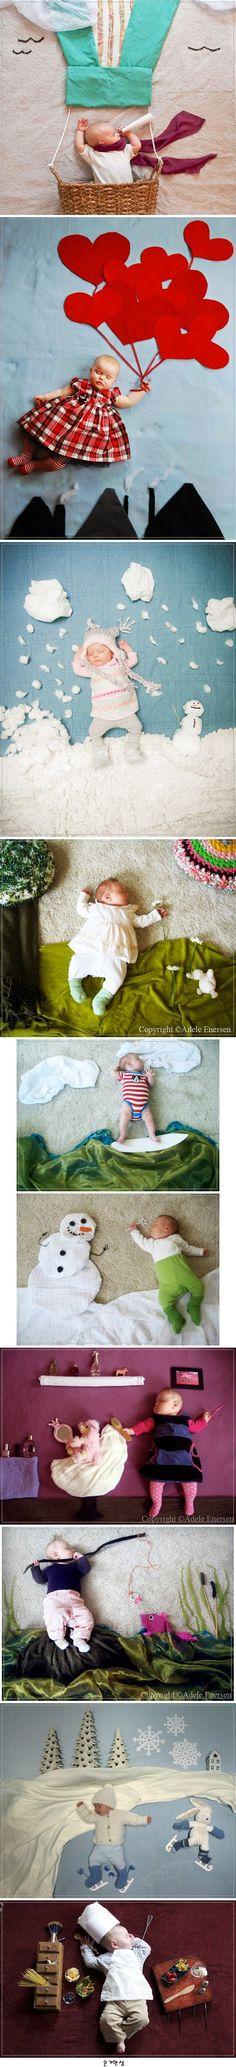 Mila's Daydreams 잠자는 아기 몰래 찍은 컨셉사진